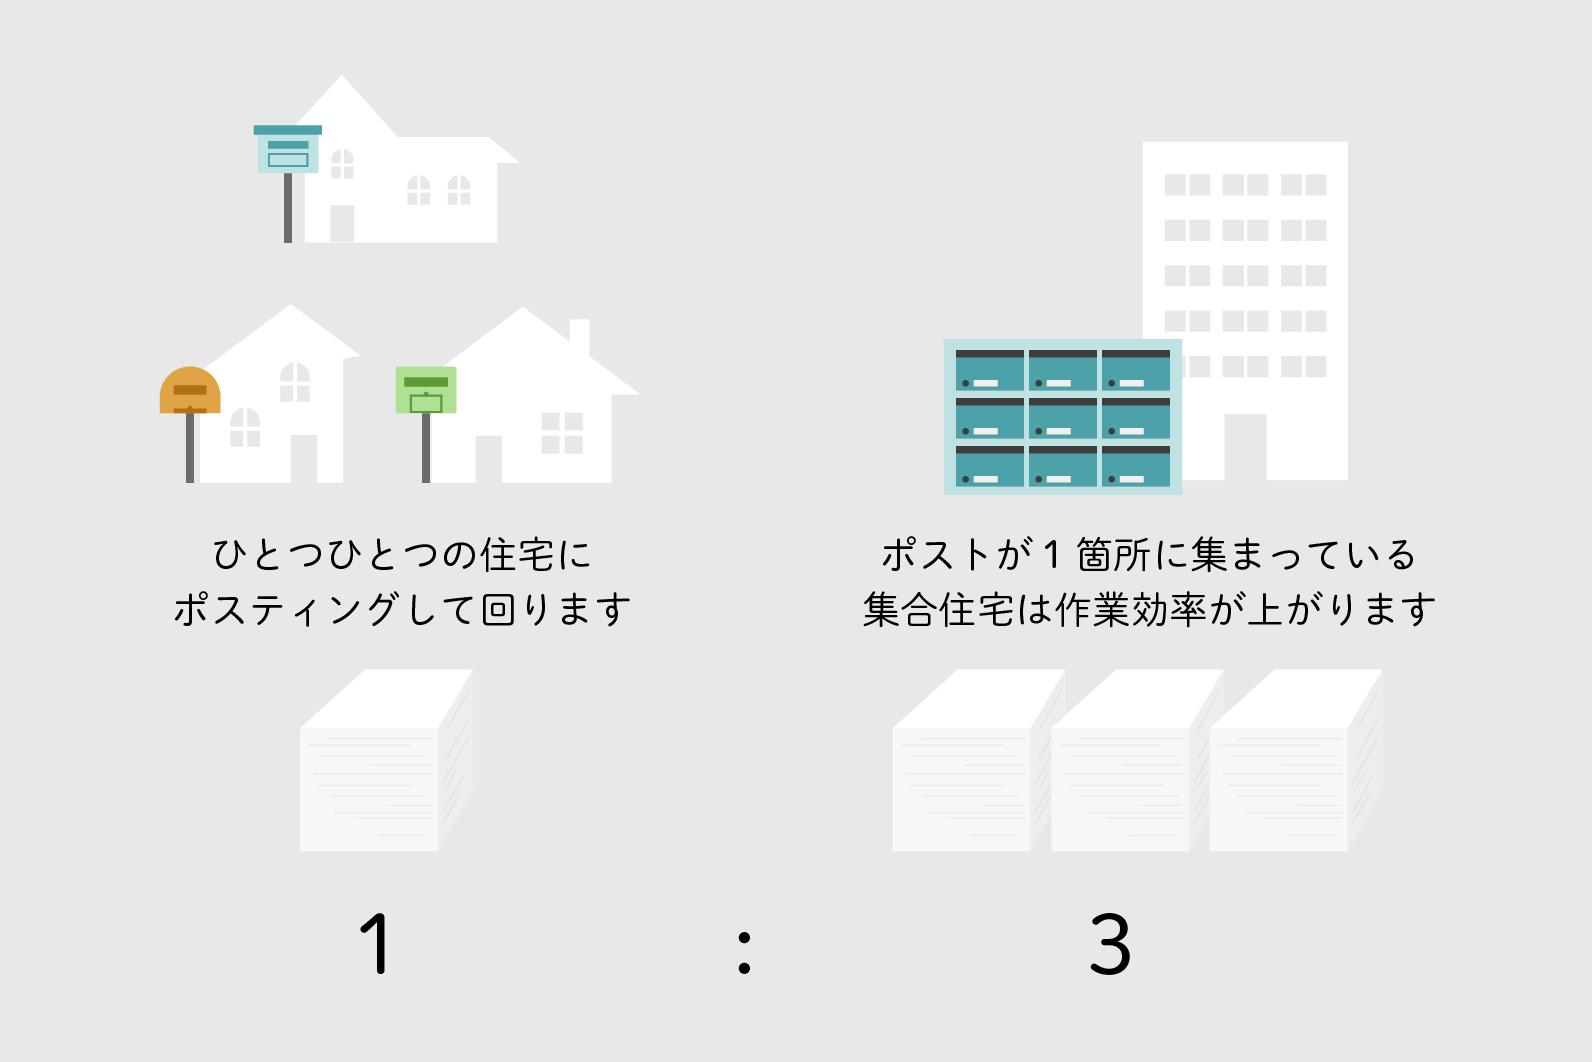 戸建て配布割合 イメージ